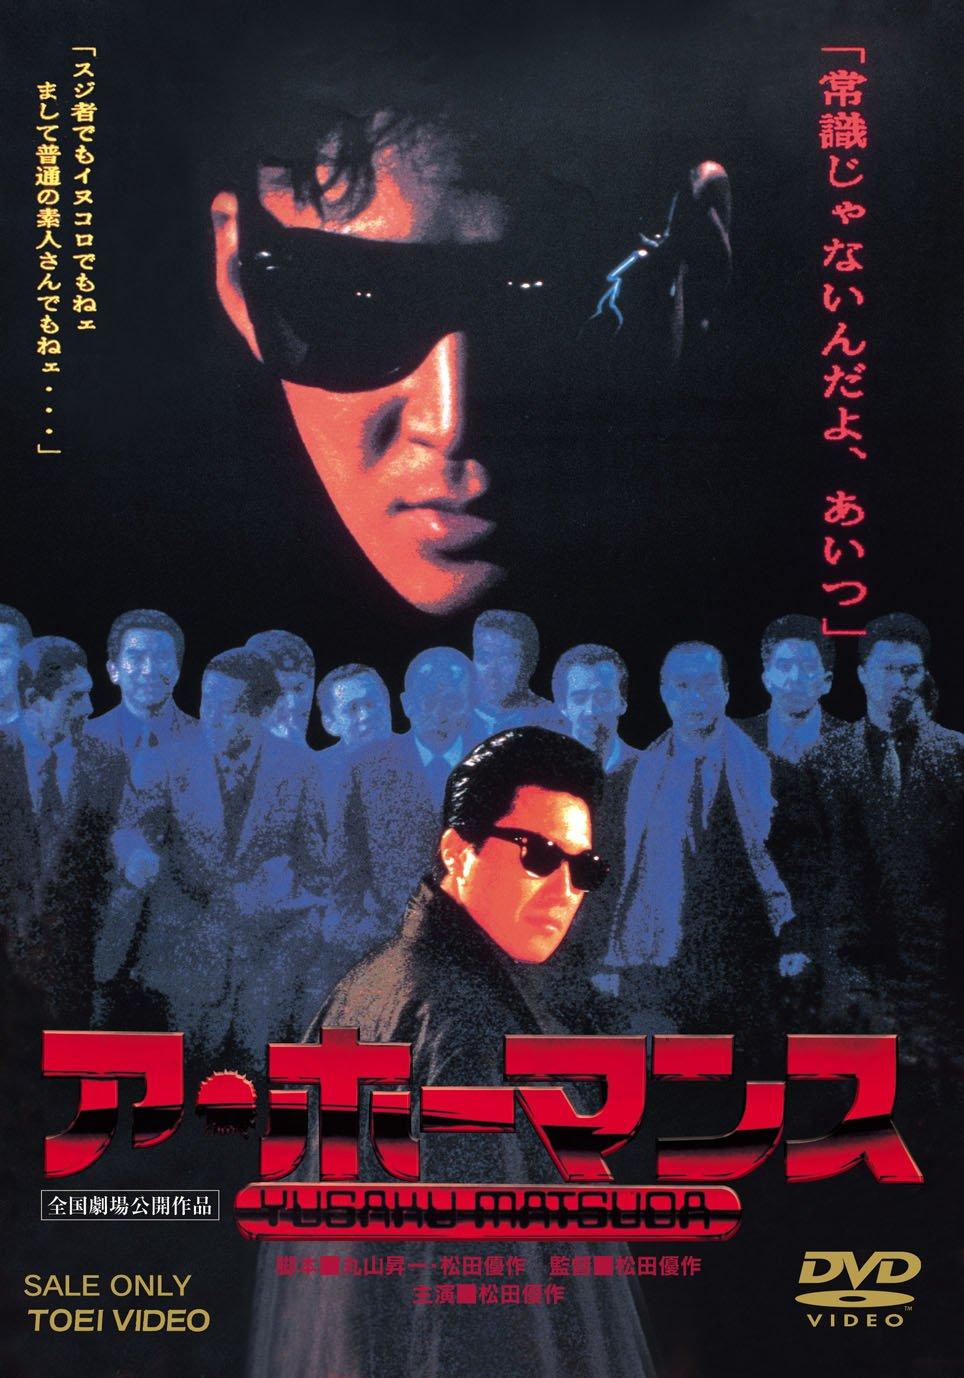 掟破りのハードアクション松田優作初監督『ア・ホーマンス』